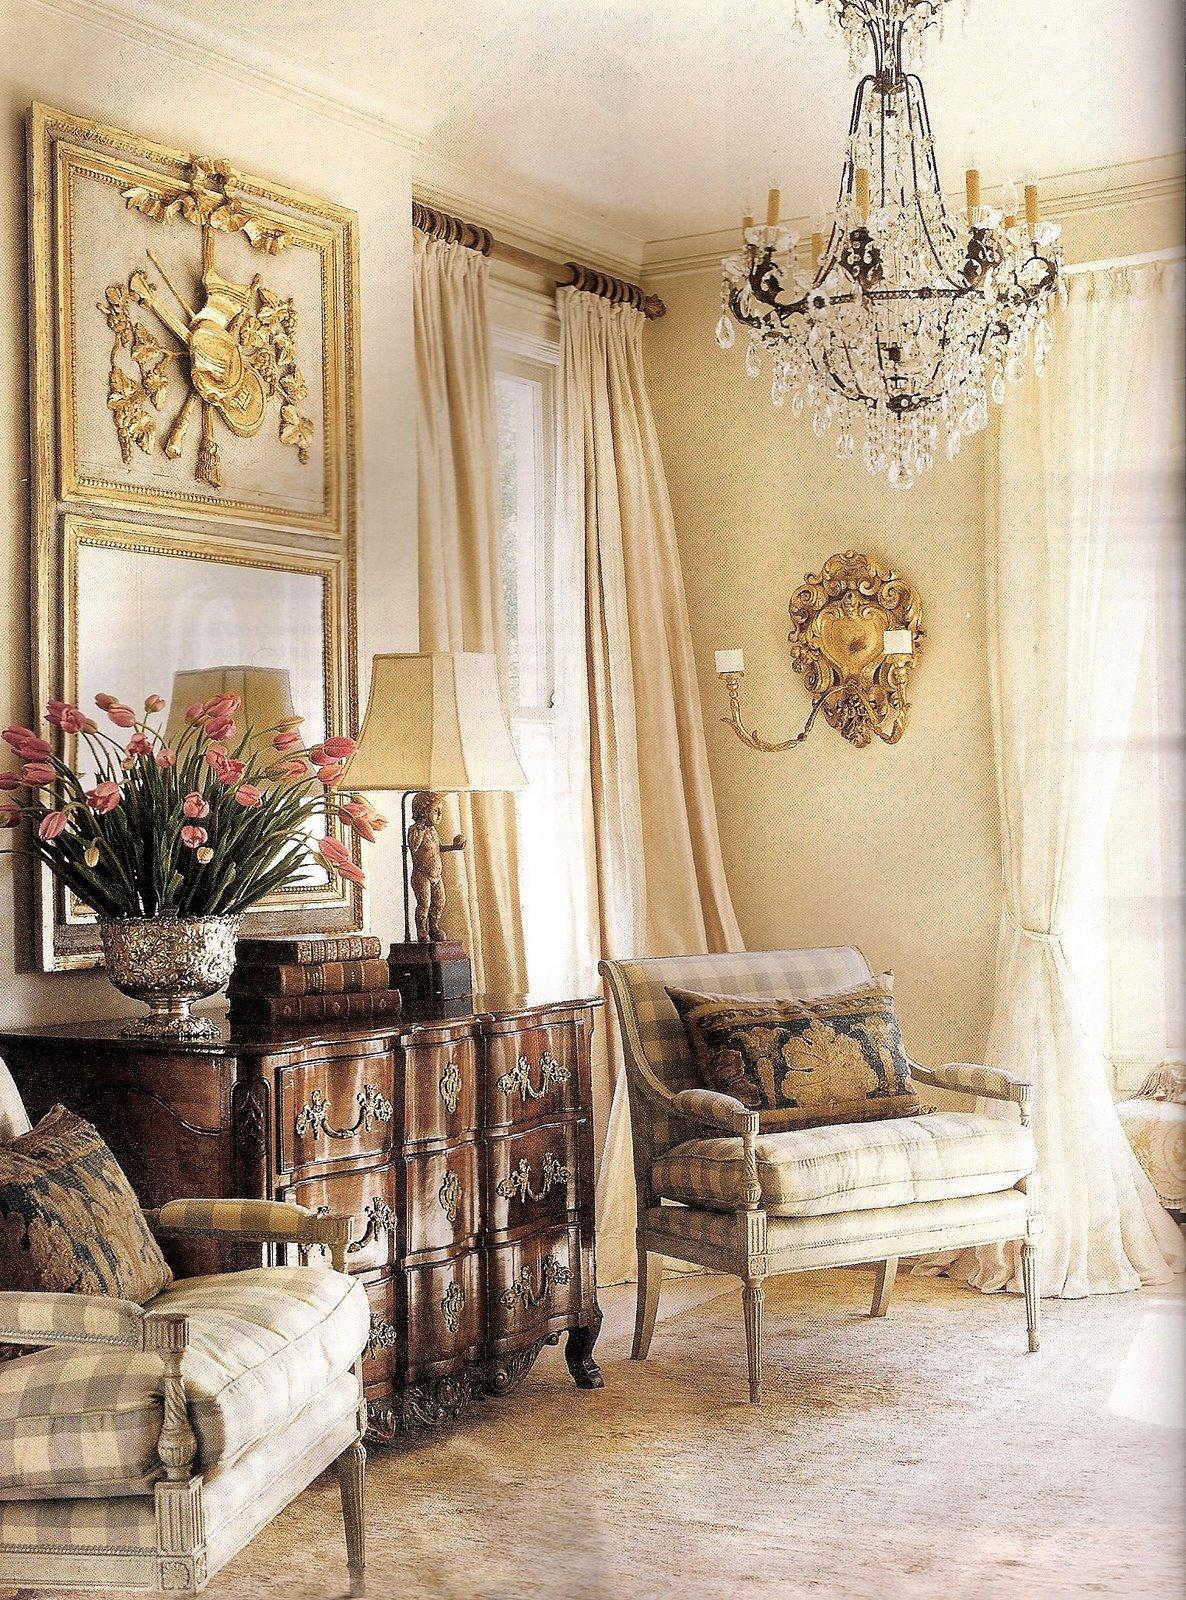 [guest+room.jpg]